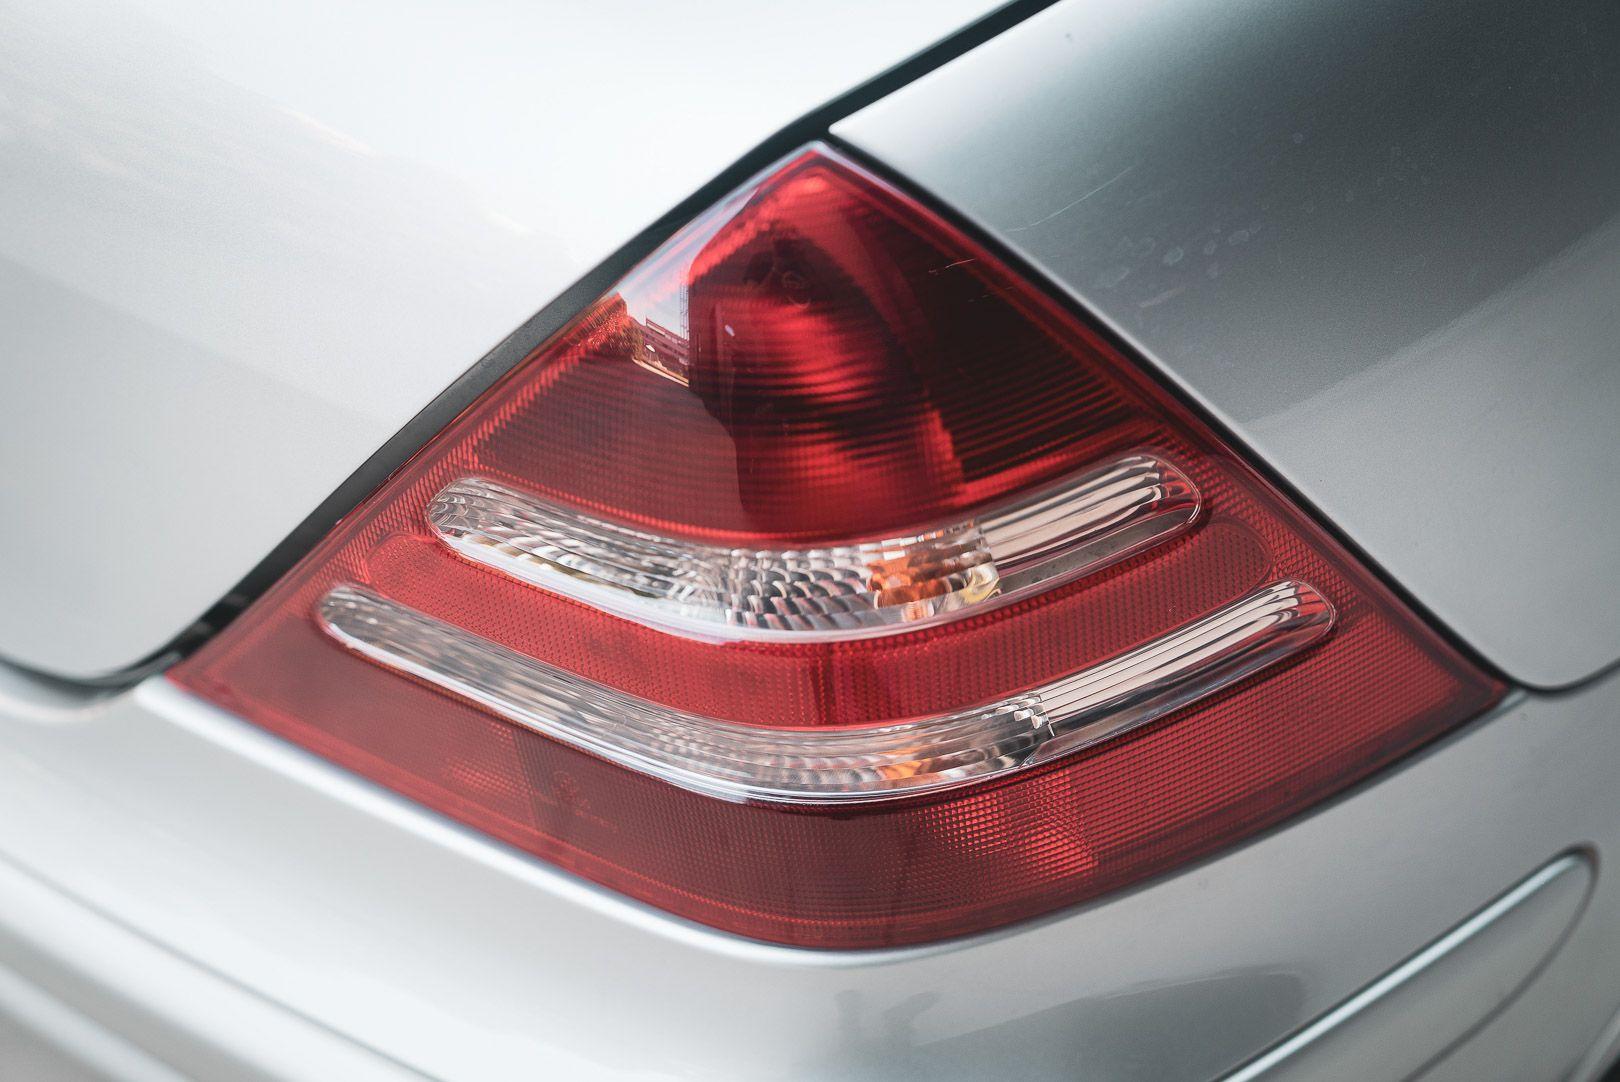 2004 Mercedes Benz 200 SLK Kompressor Special Edition 80739